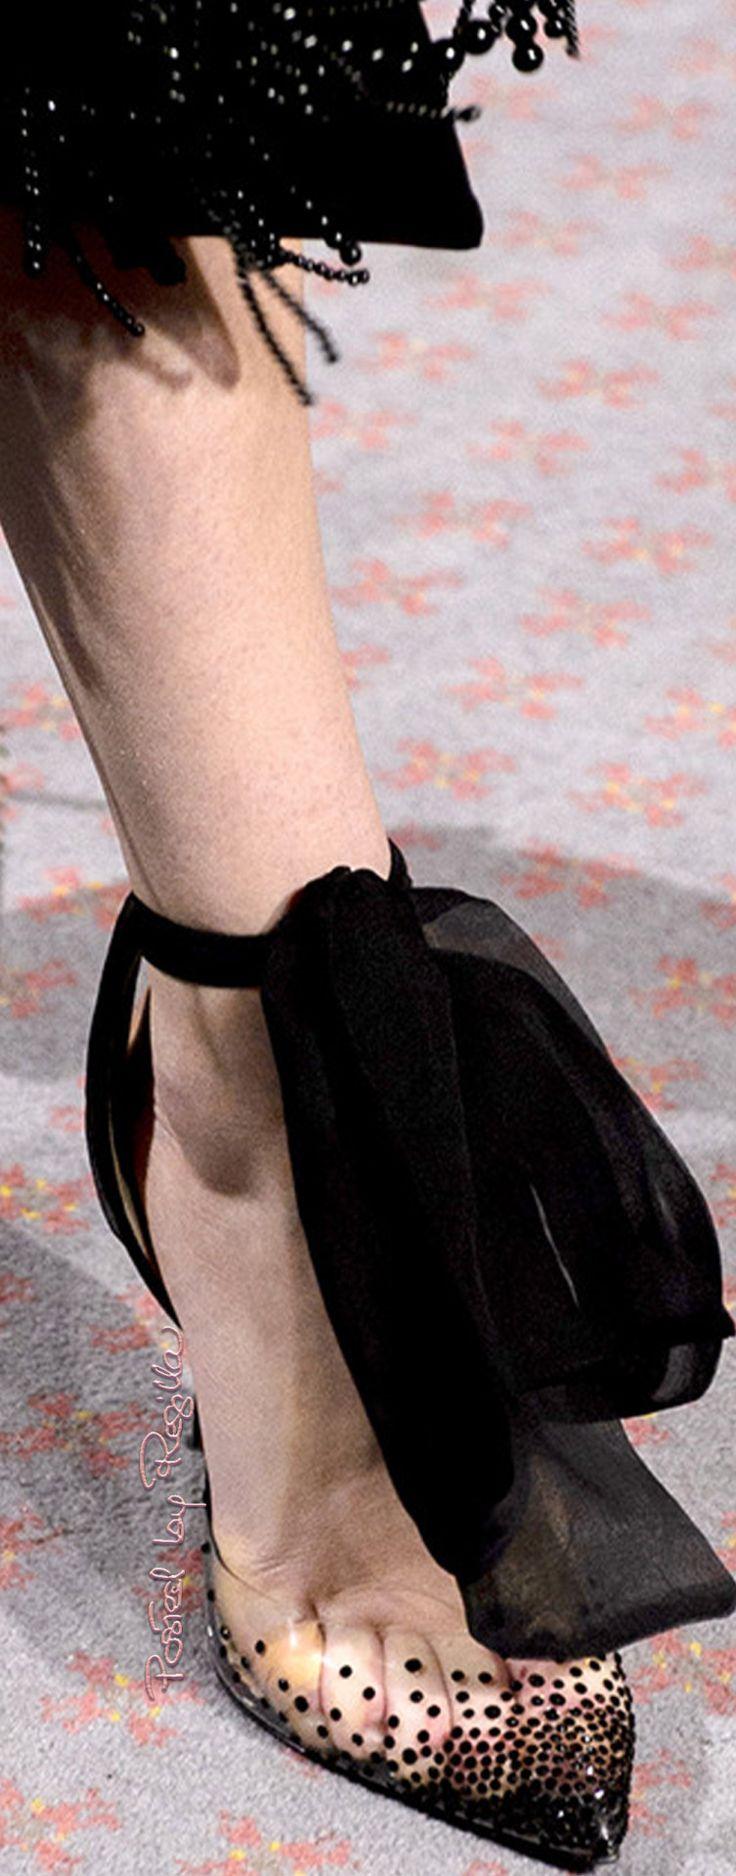 Shoes  Huishan Zhang, Autumn-Winter 2018 http://regilla.tumblr.com/post/171119384724